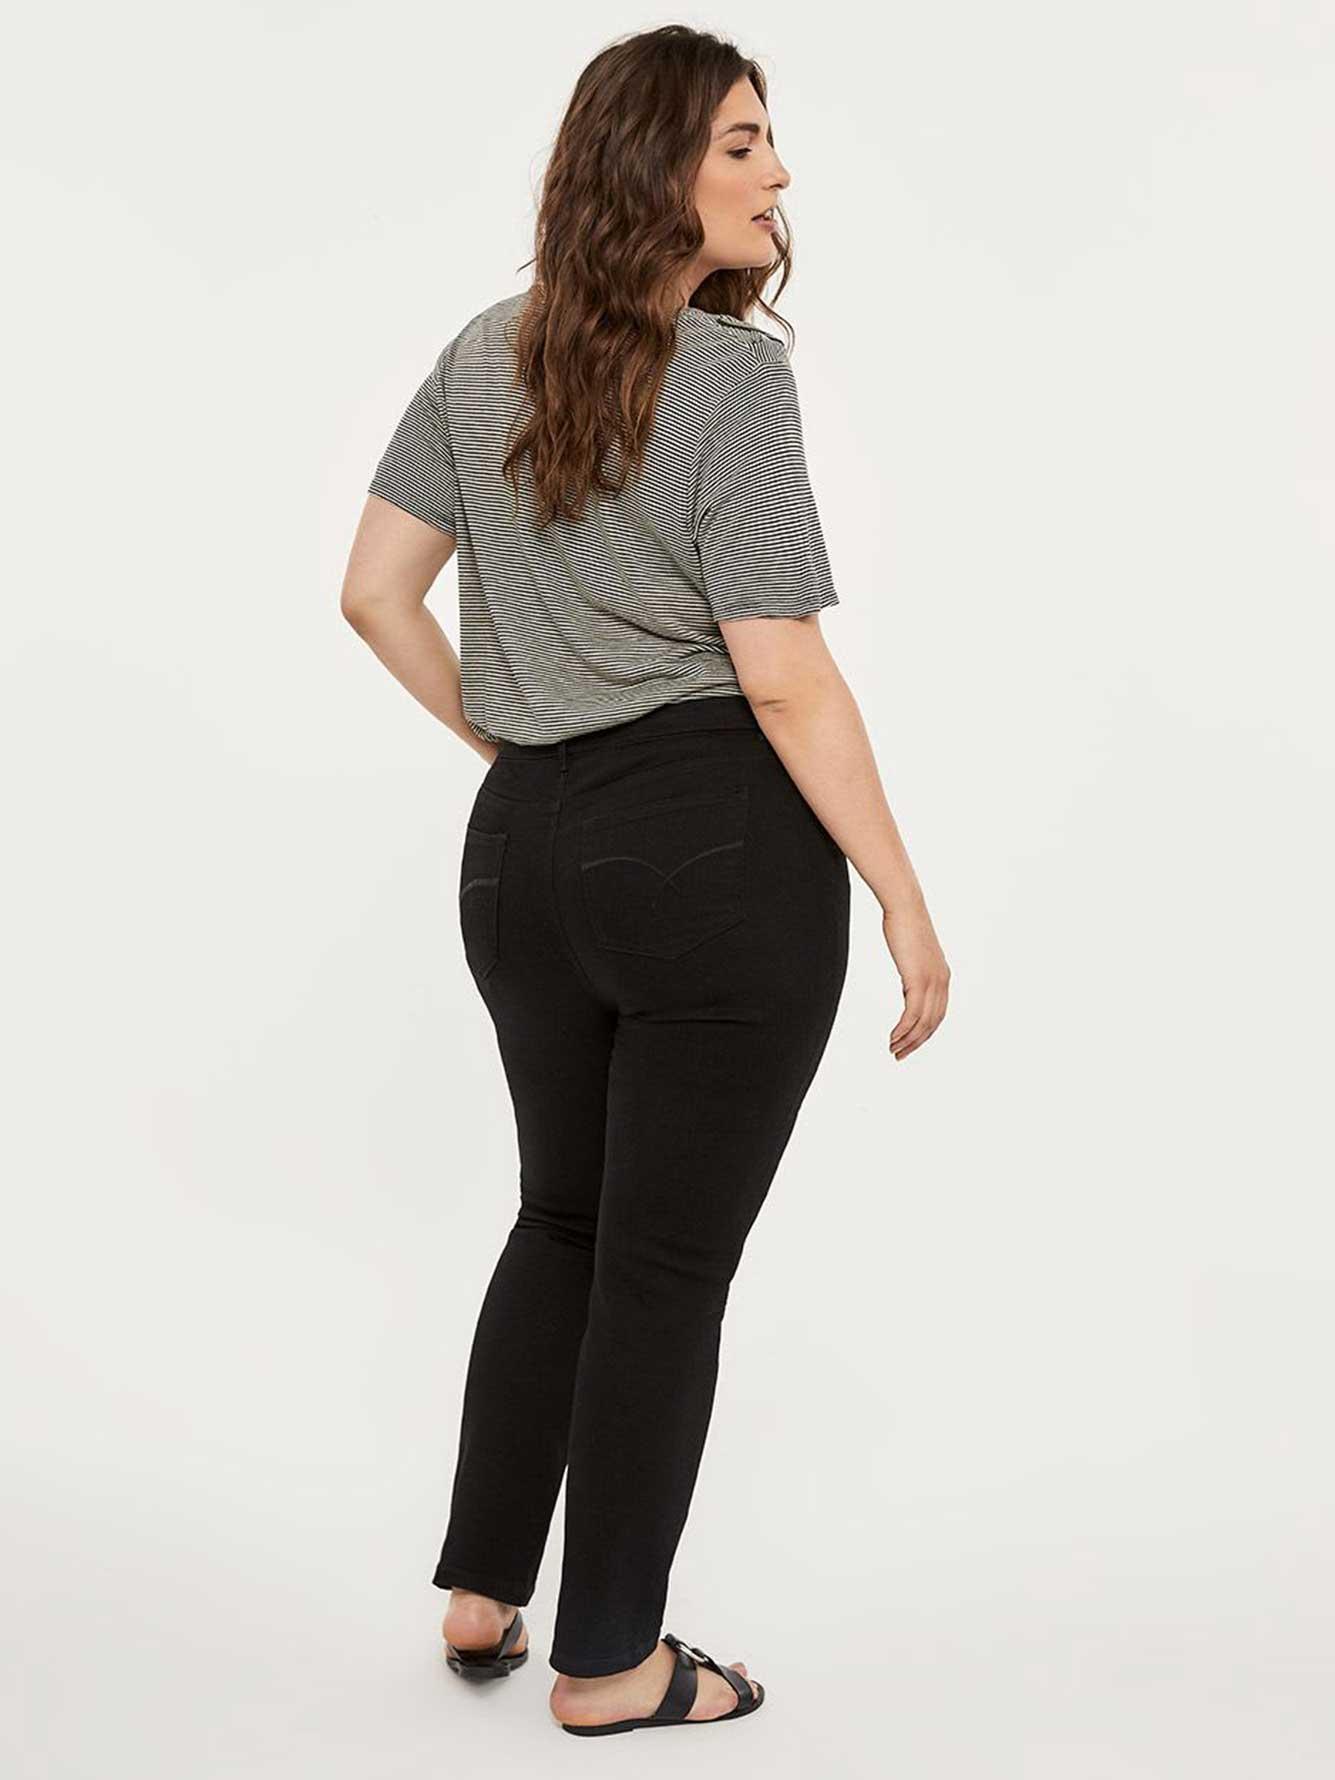 EN LIGNE SEULEMENT - GRANDE Jean droit noir, coupe galbée - d/C JEANS